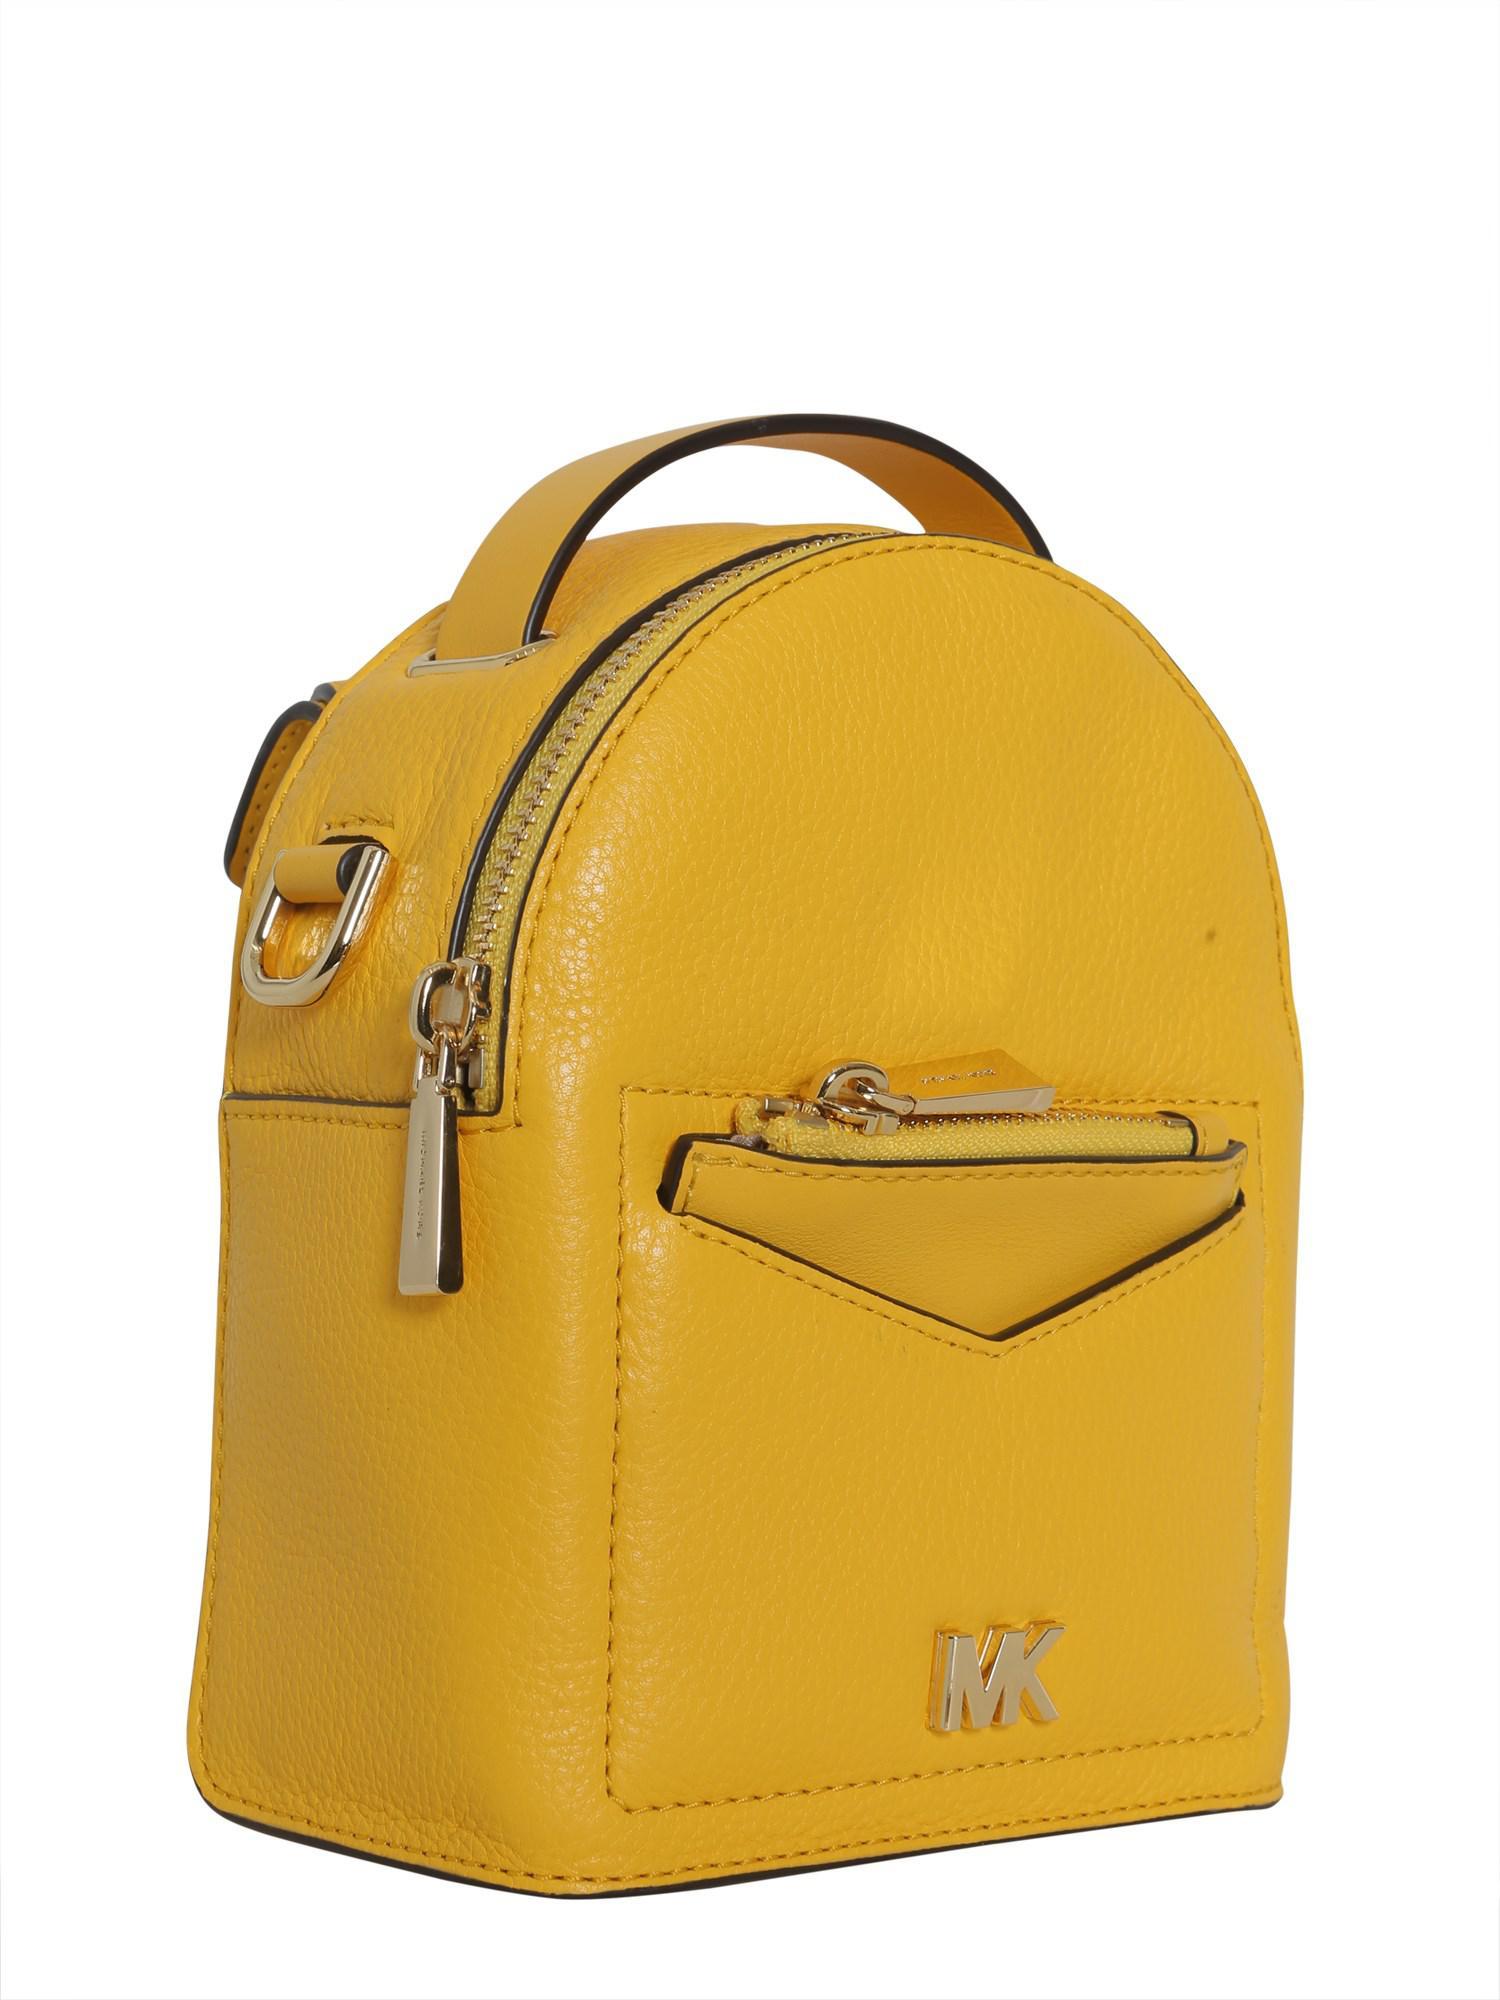 efcf7c15998e Gallery. Previously sold at: Eleonora Bonucci · Women's Mini Backpack